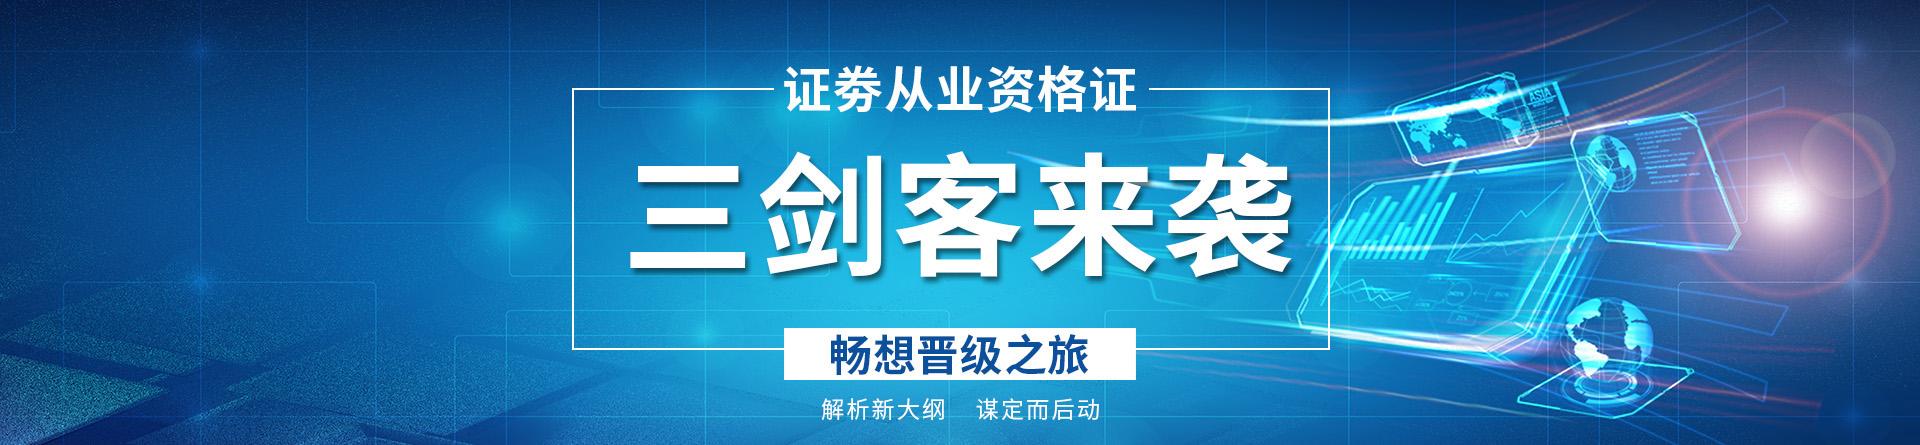 上海松江高顿财经教育学校